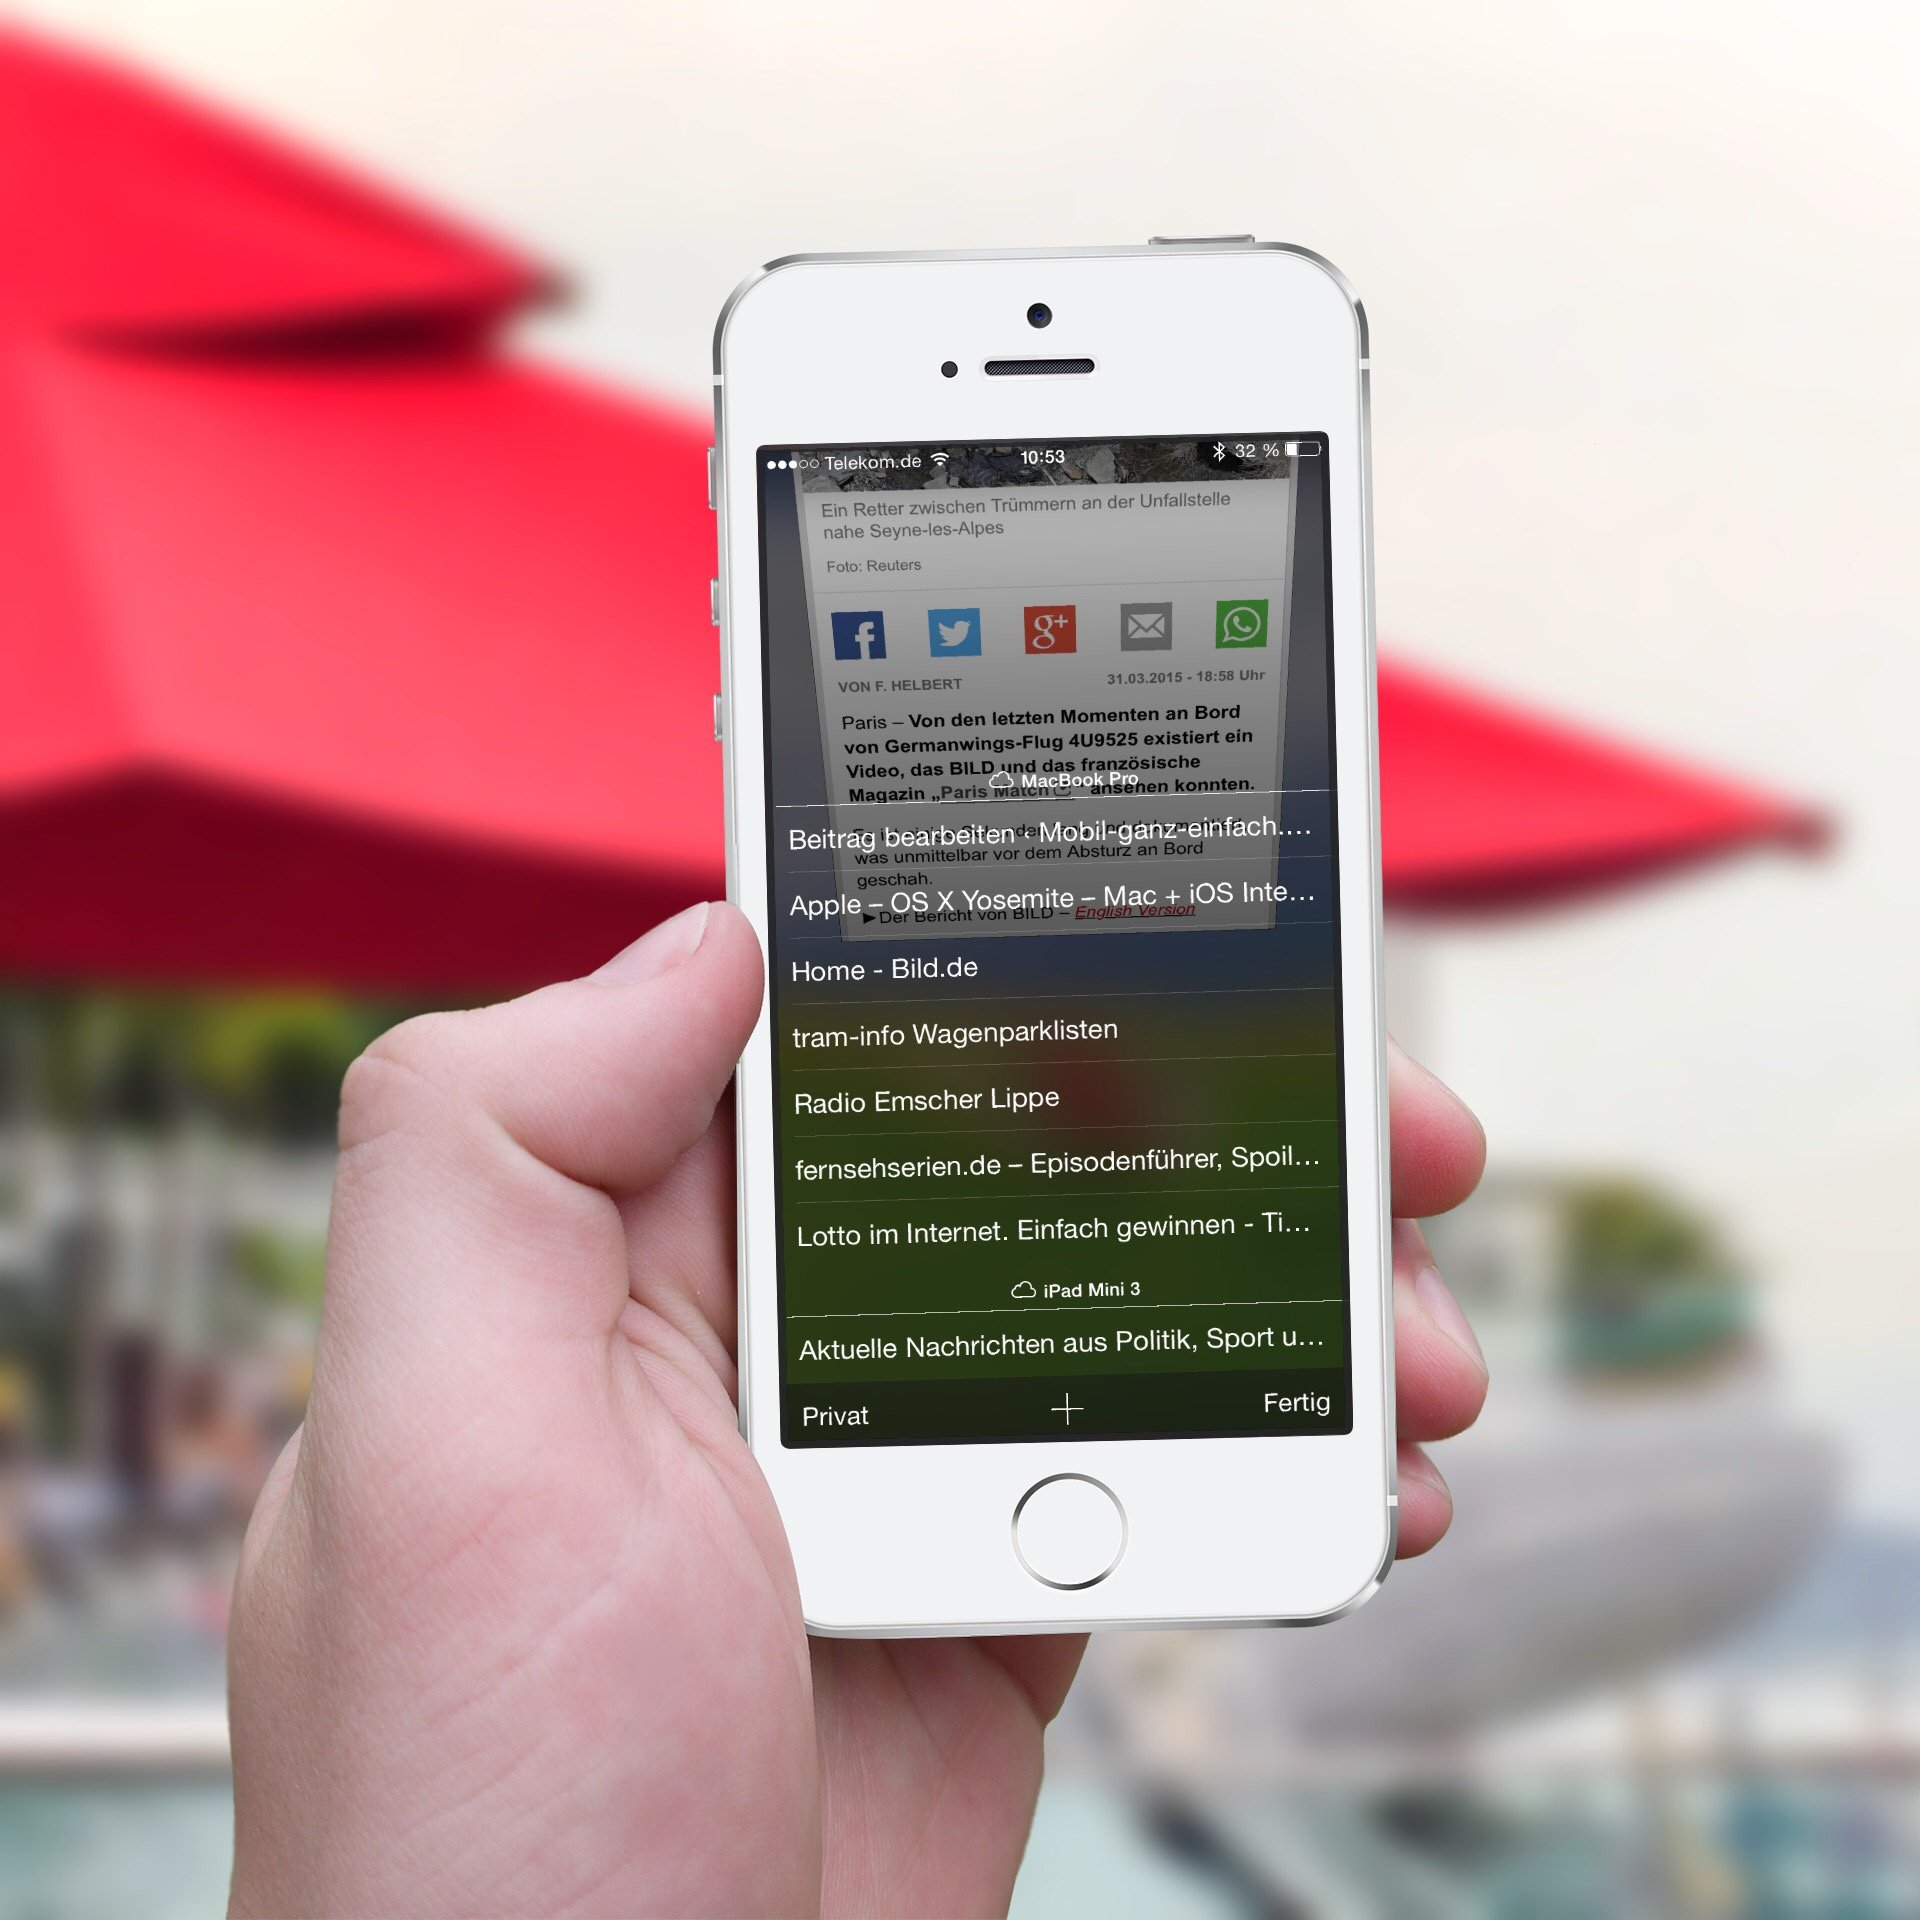 Apple Iphone Verkaufen Löschen